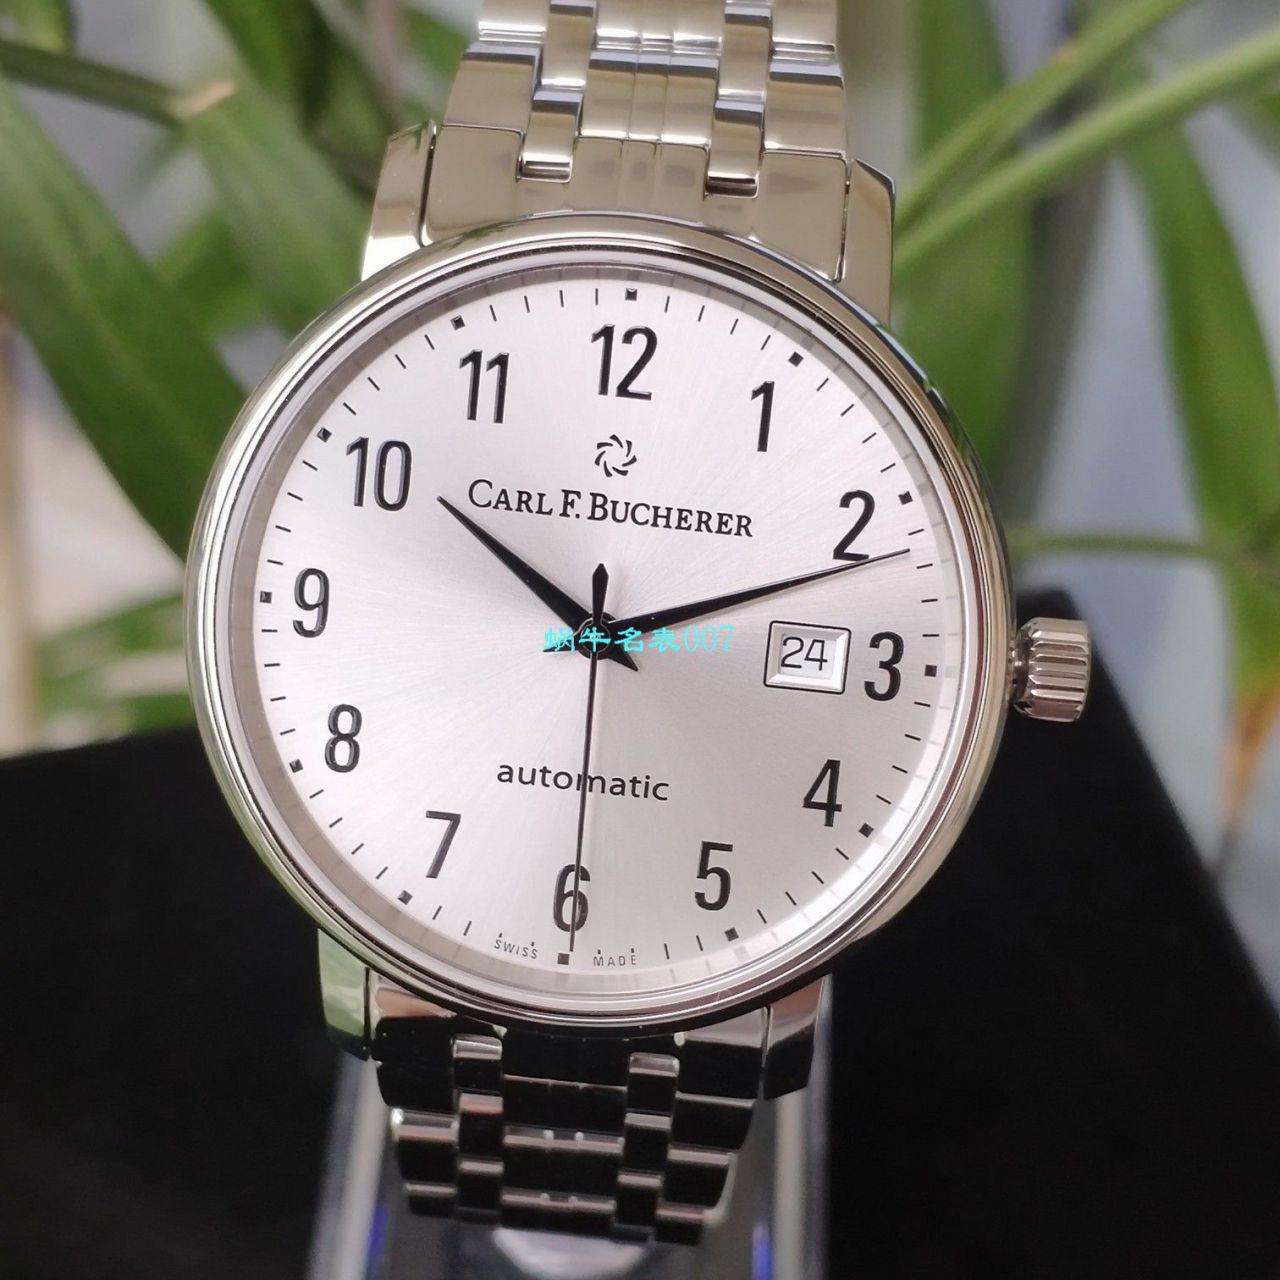 狠货、狠货,来自百年皇家品牌,原单宝齐莱爱德玛尔系列00.10318.08.62.21腕表